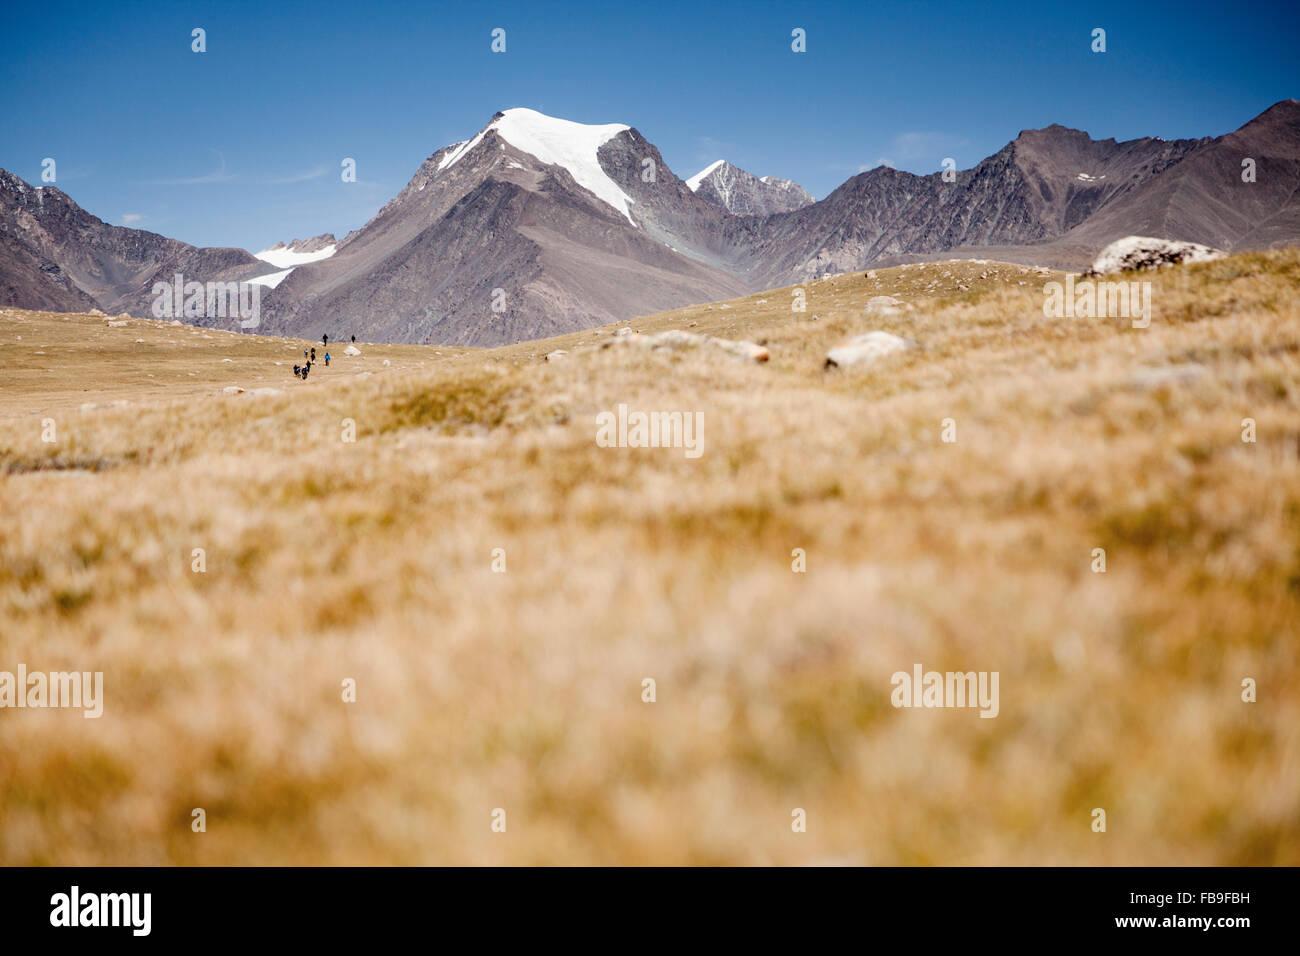 Wanderer in der Ferne im Kharkhiraa Turgen Nationalpark in abgelegenen äußersten westlichen Mongolei. Stockbild